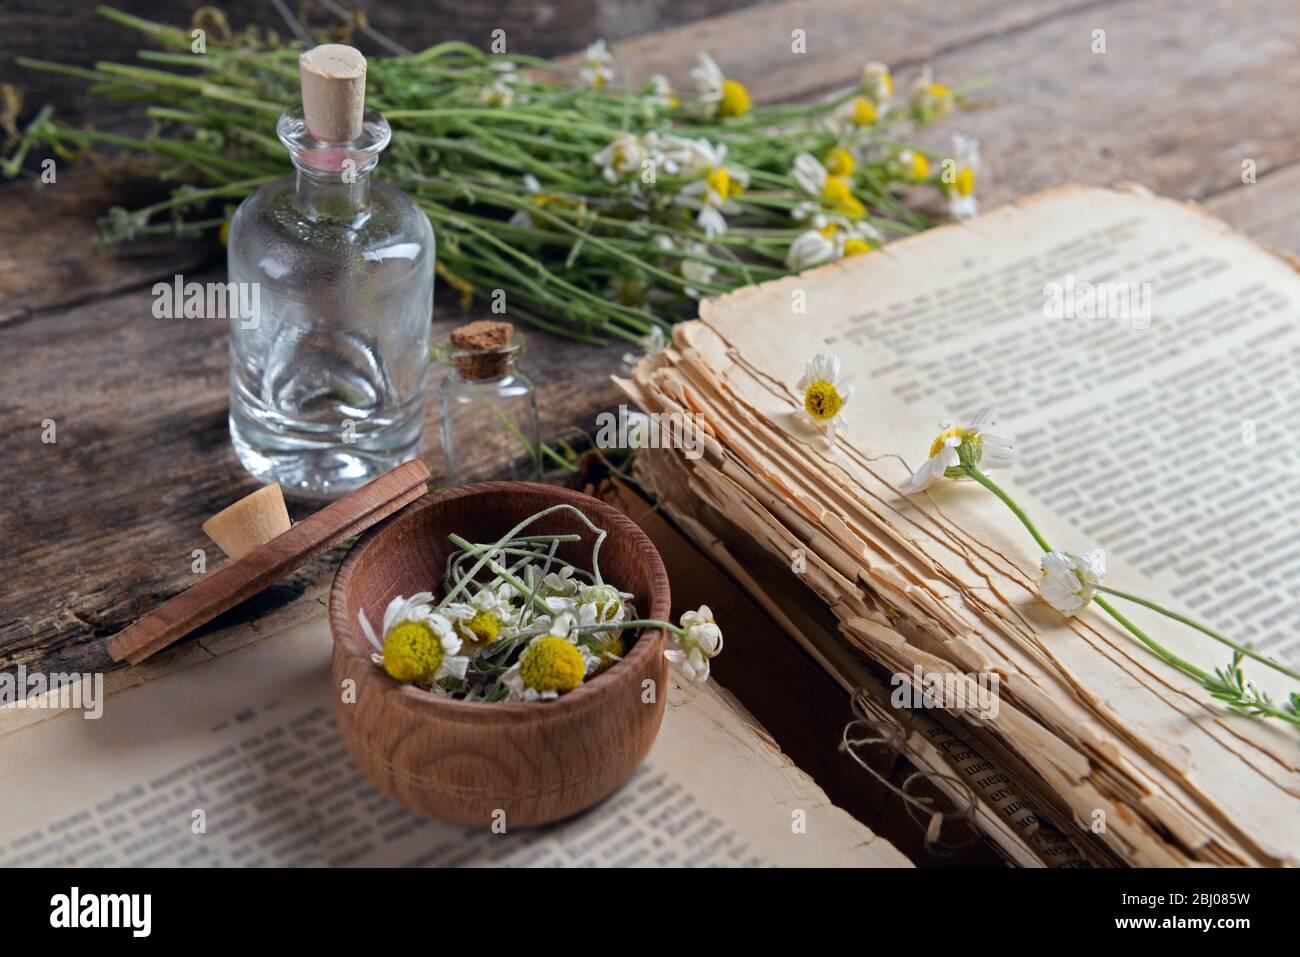 Vieux livre avec fleurs sèches dans mortier sur table près Banque D'Images